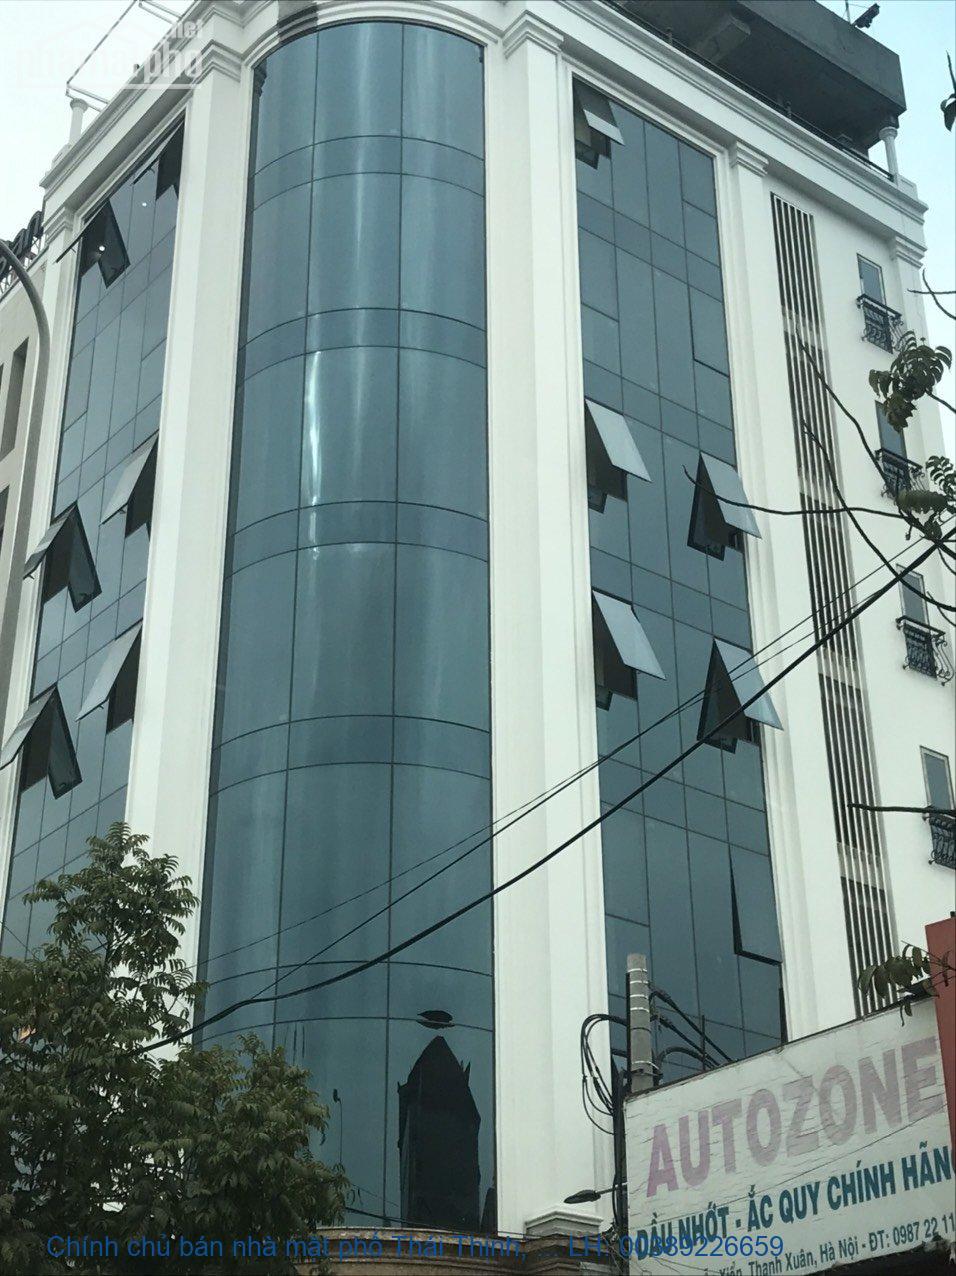 Chính chủ bán nhà mặt phố Thái Thịnh, Đống Đa 130m2 giá 63 tỷ